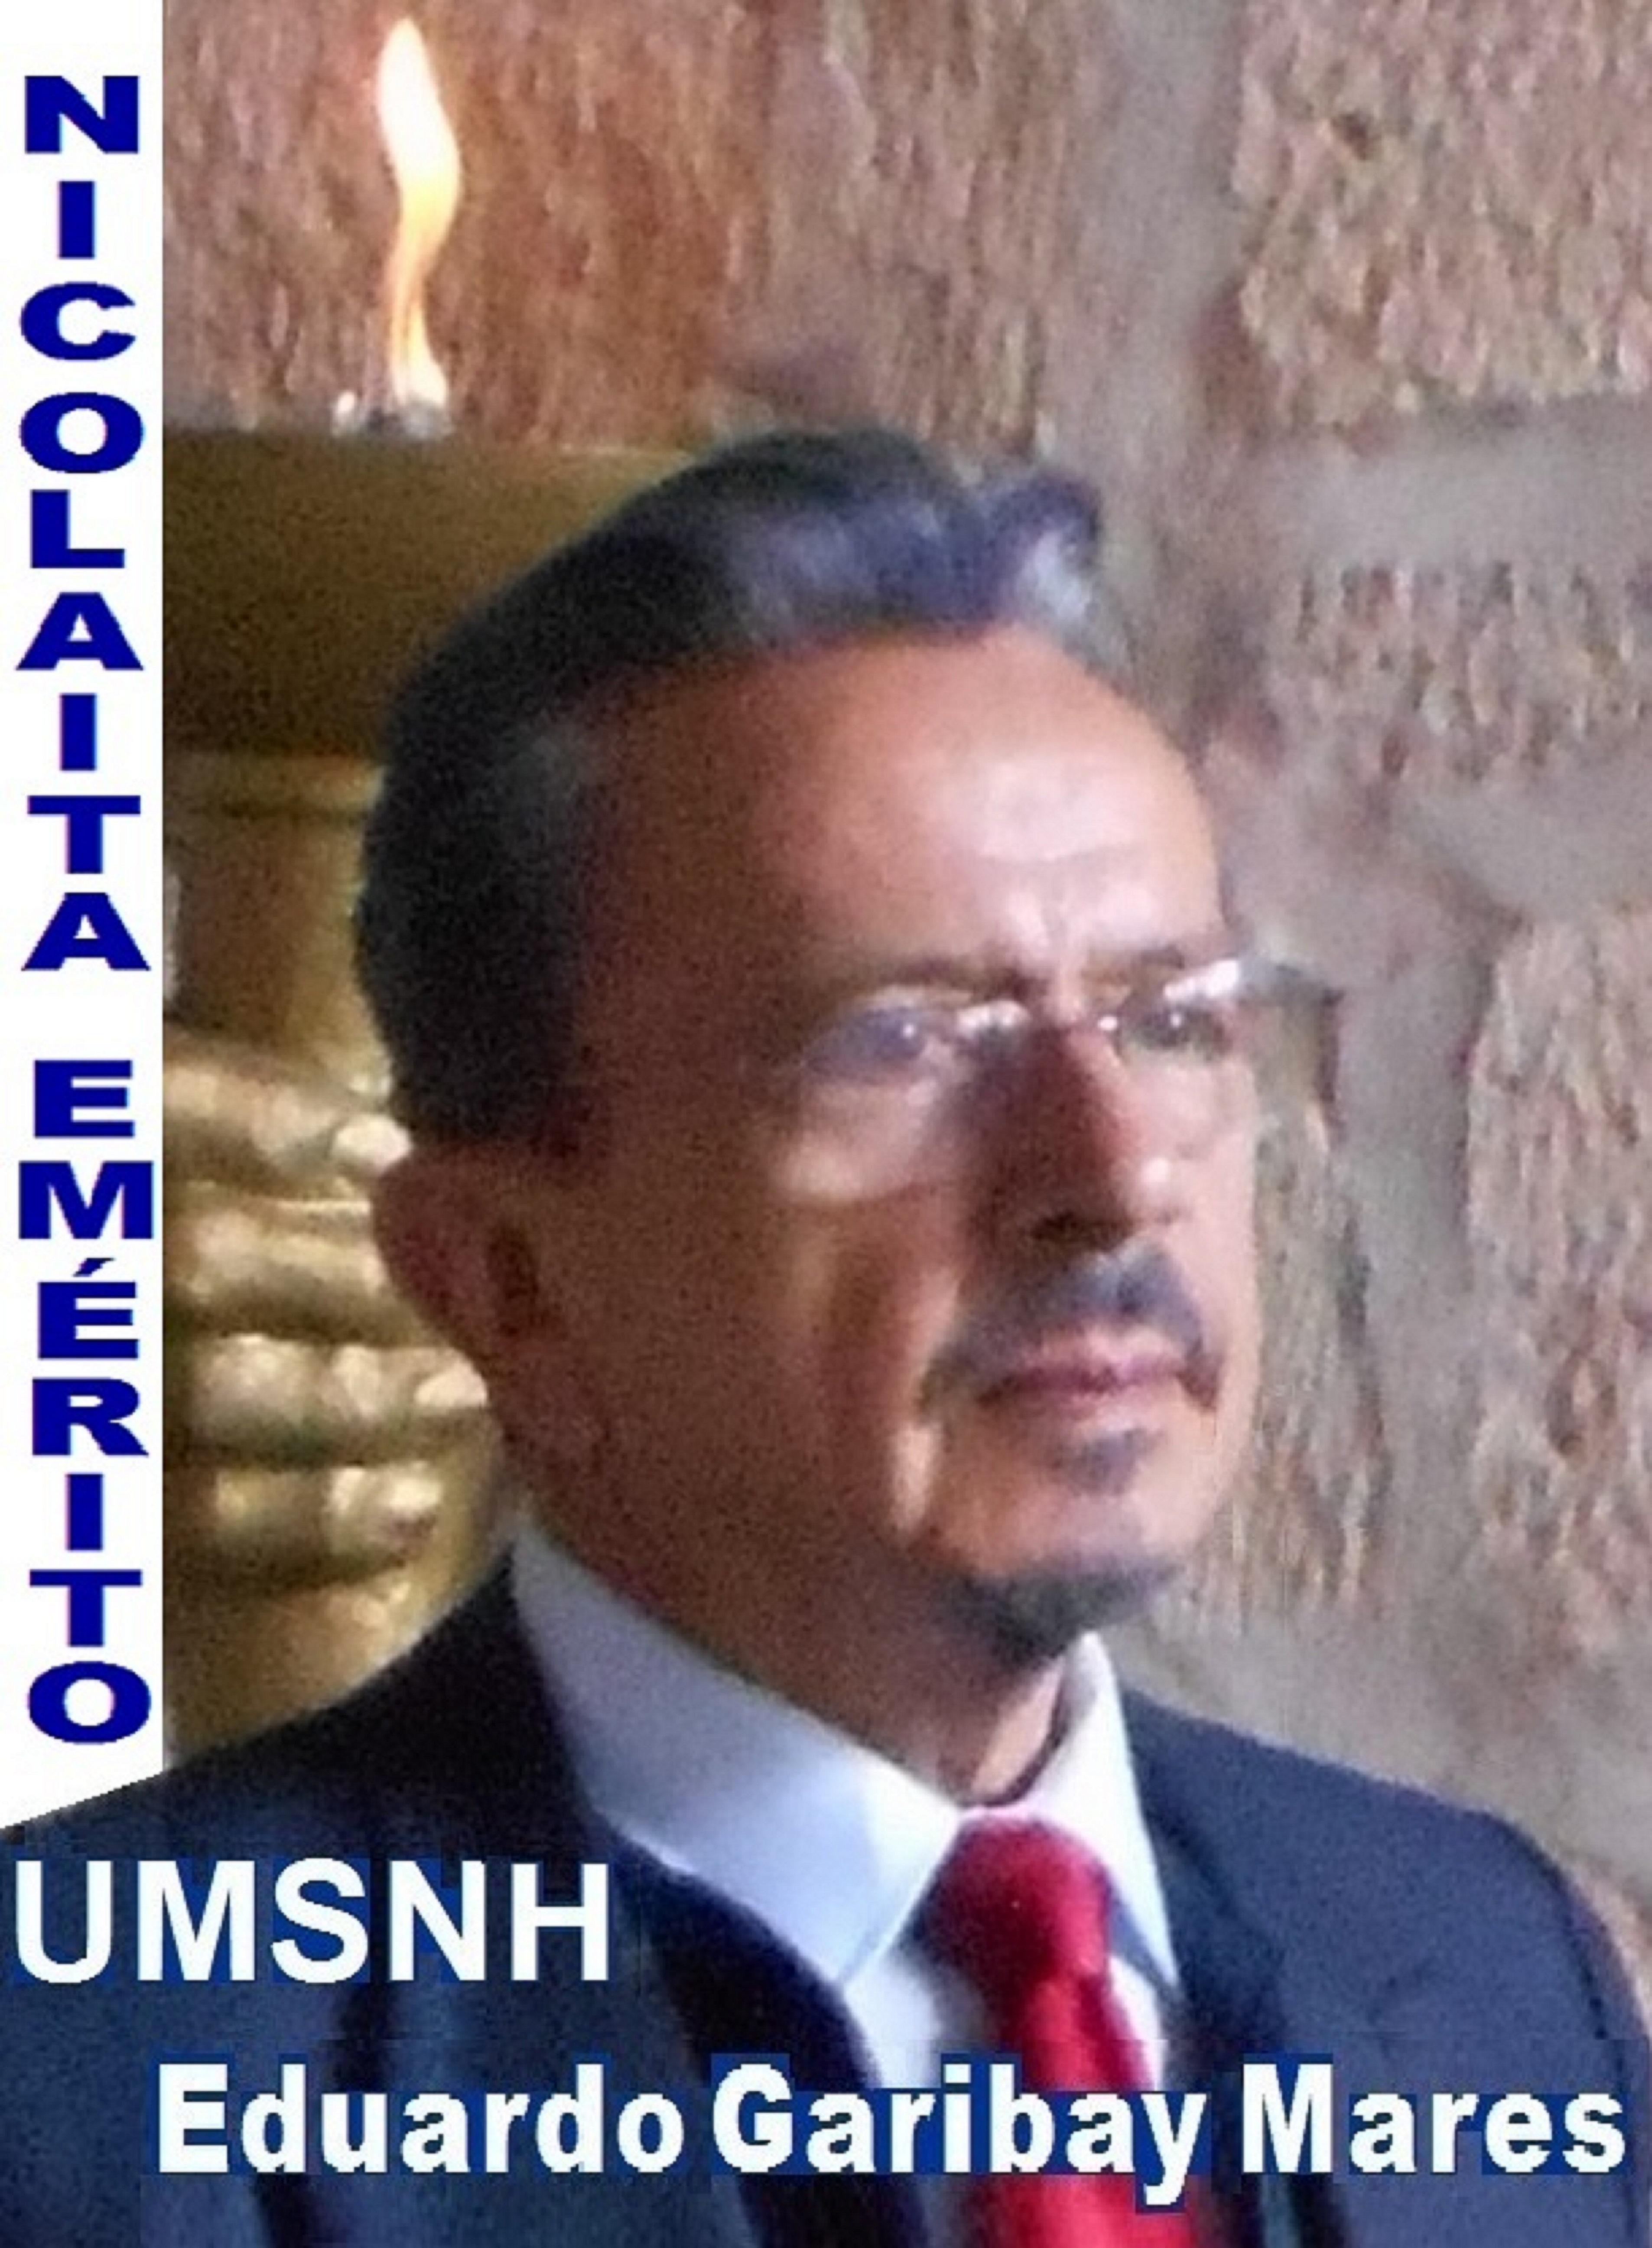 Eduardo Garibay Mares. Universitario Ejemplo de Actuales y Futuras Generaciones, en la Universidad Michoacana de San Nicolás de Hidalgo, UMSNH